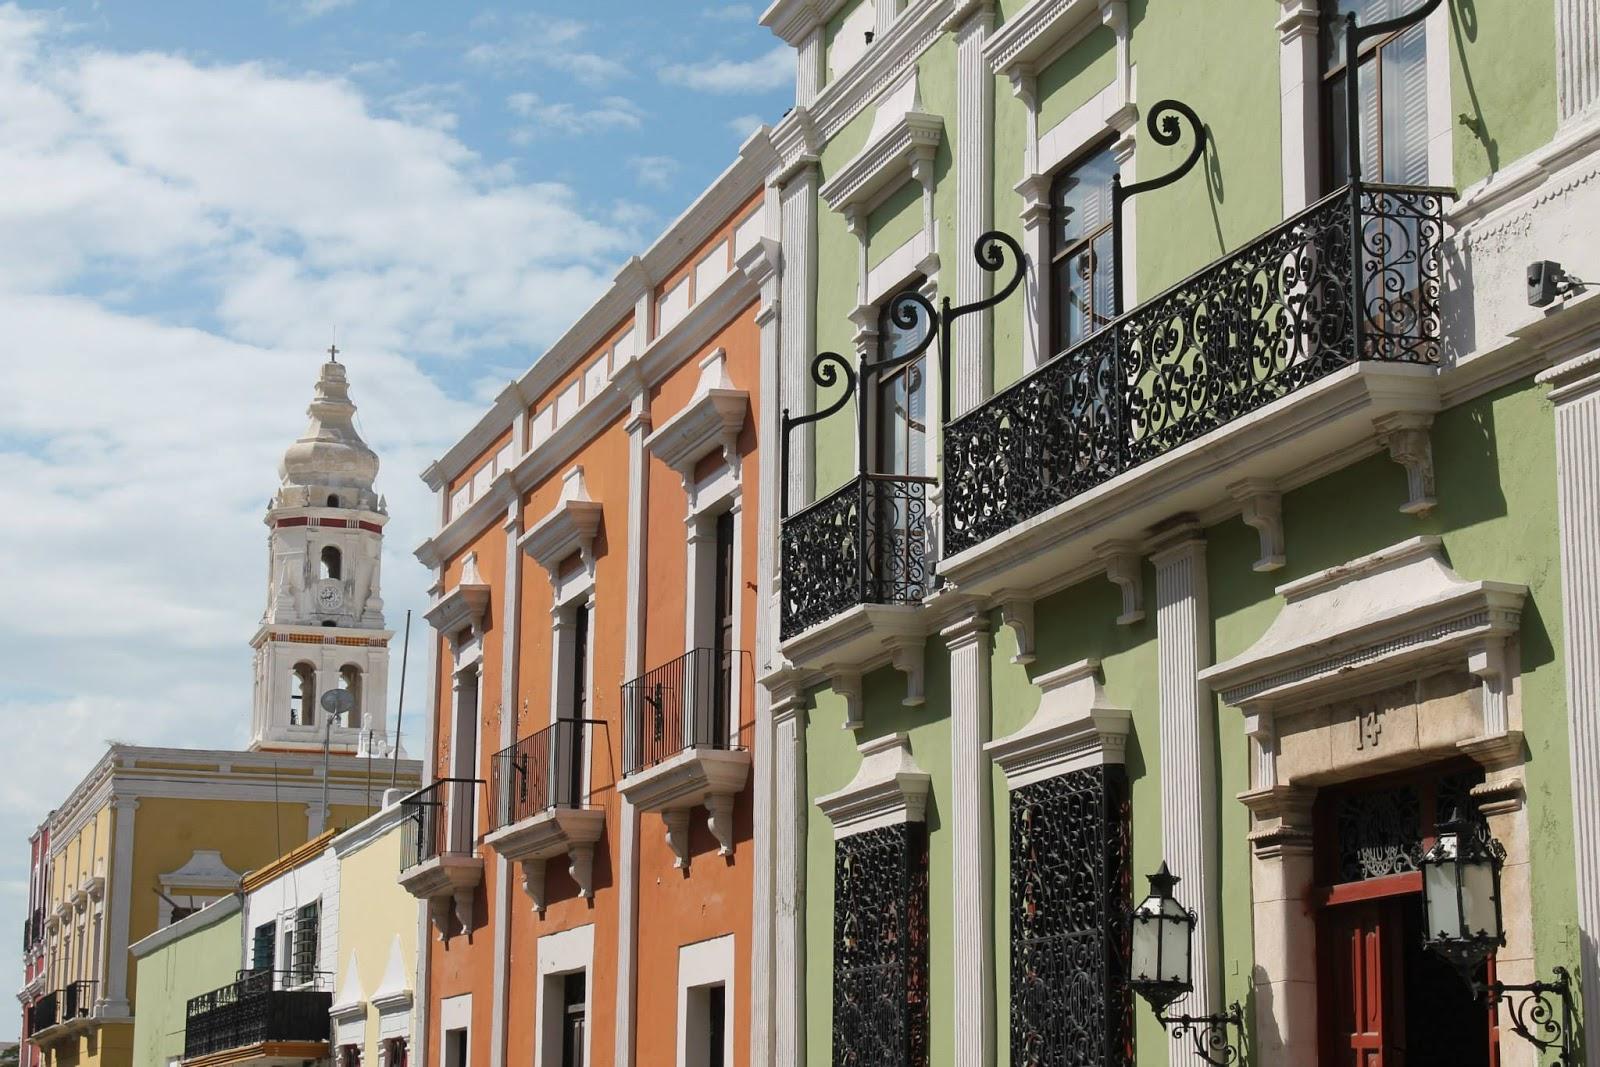 città coloniale campeche messico